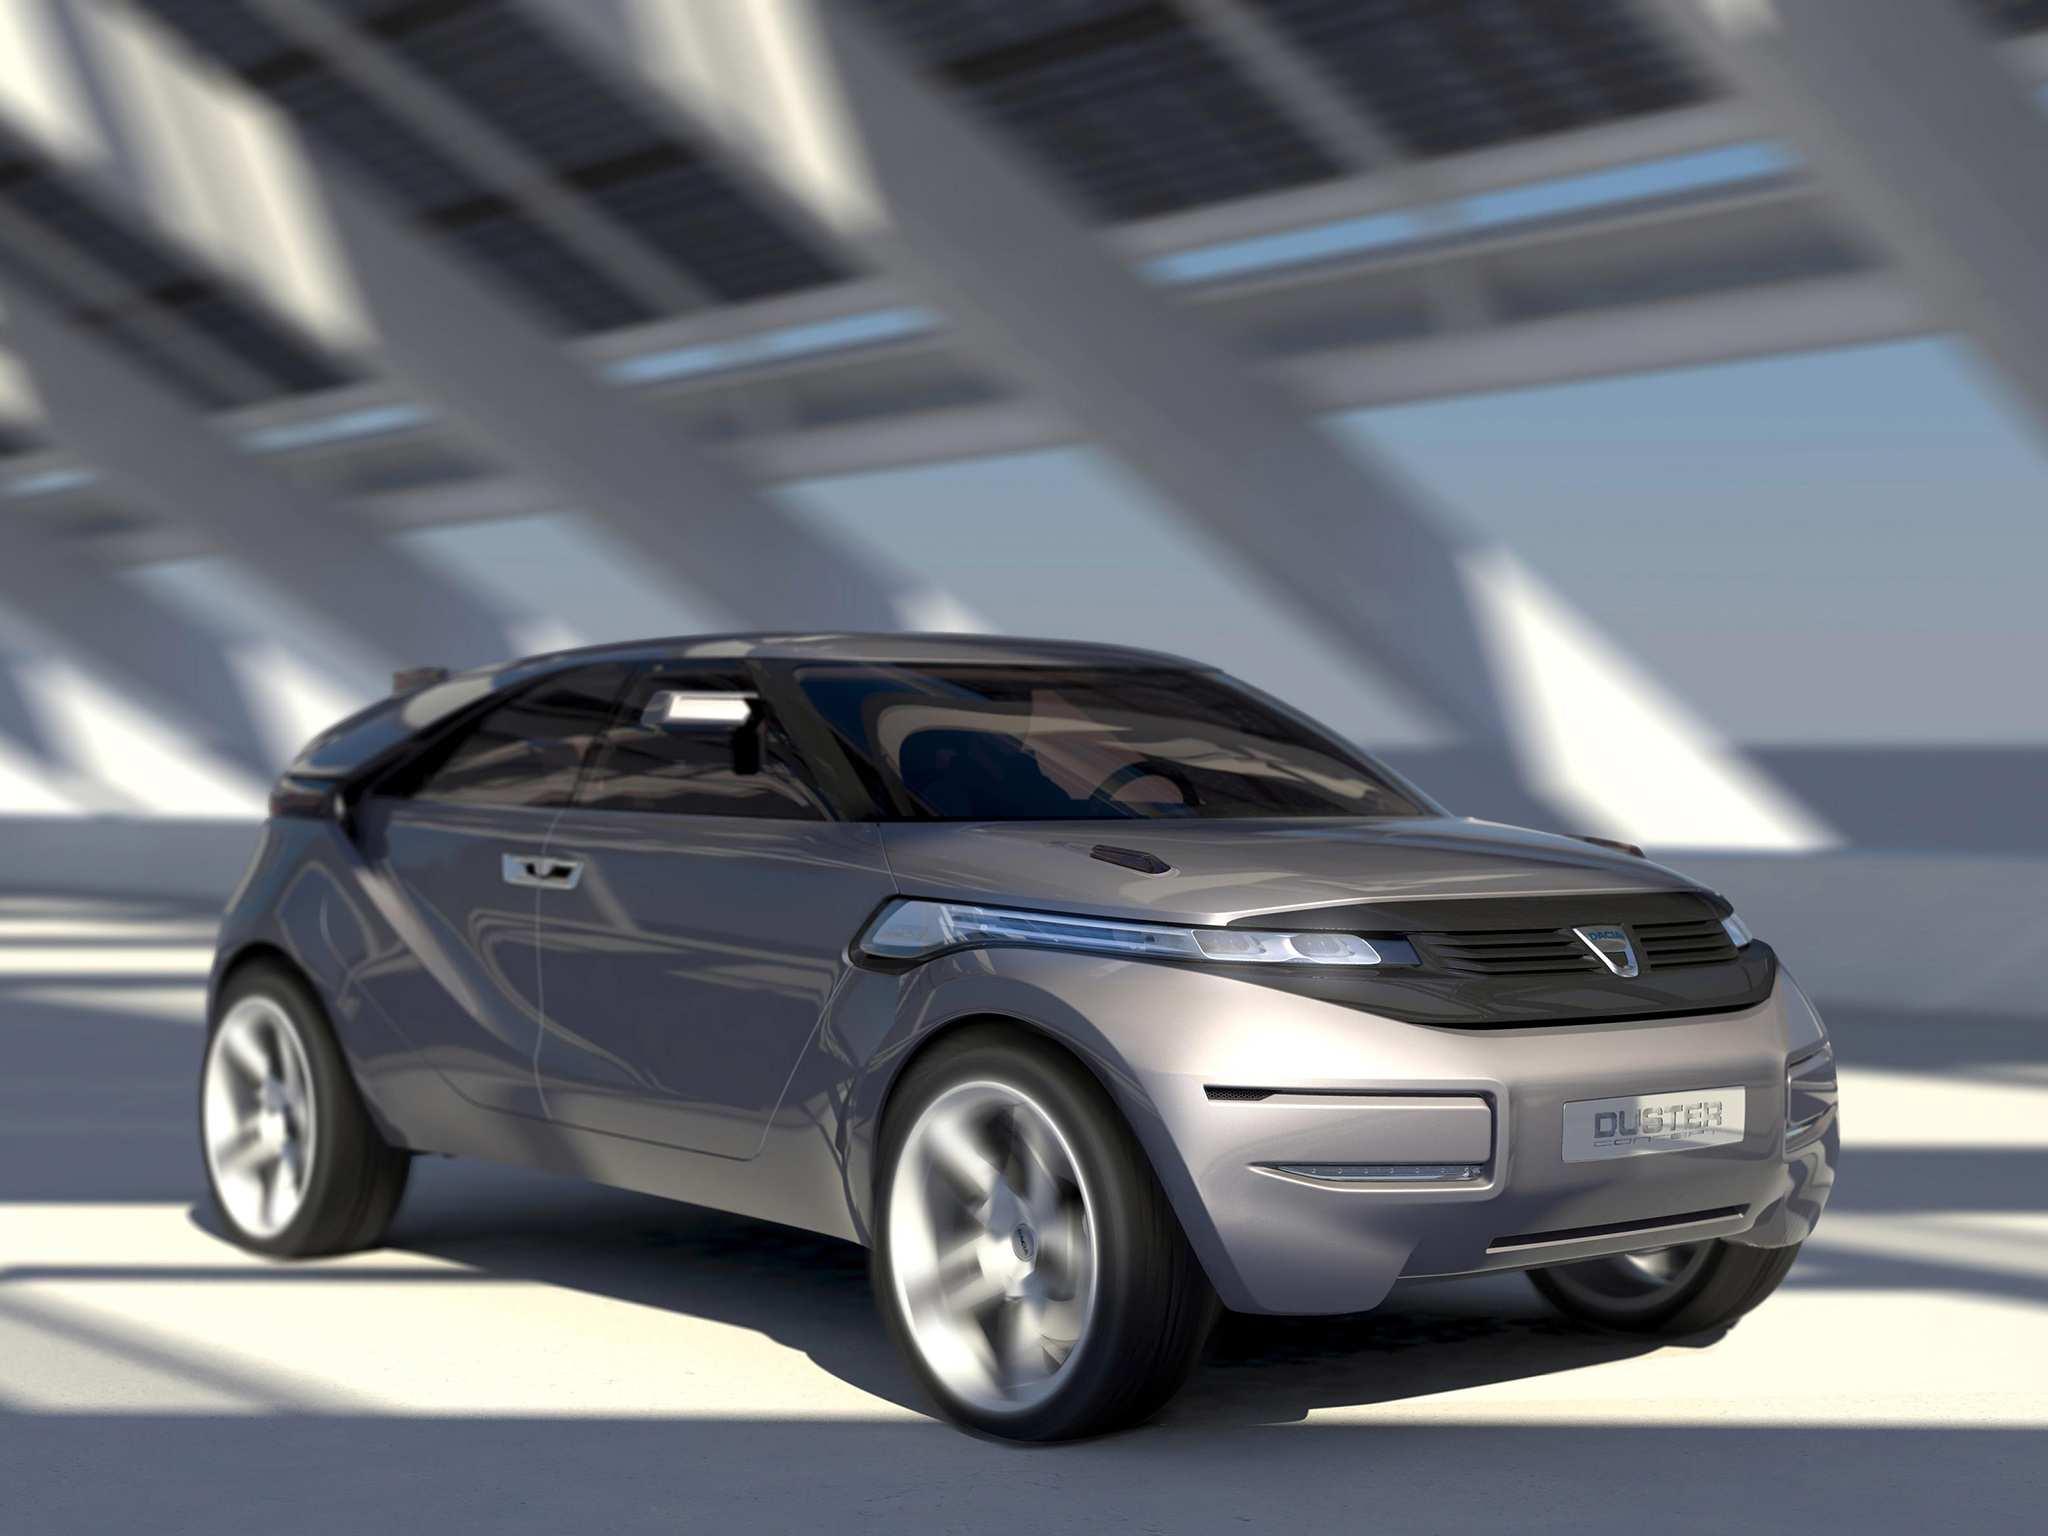 81 The Futur Dacia 2020 Specs by Futur Dacia 2020